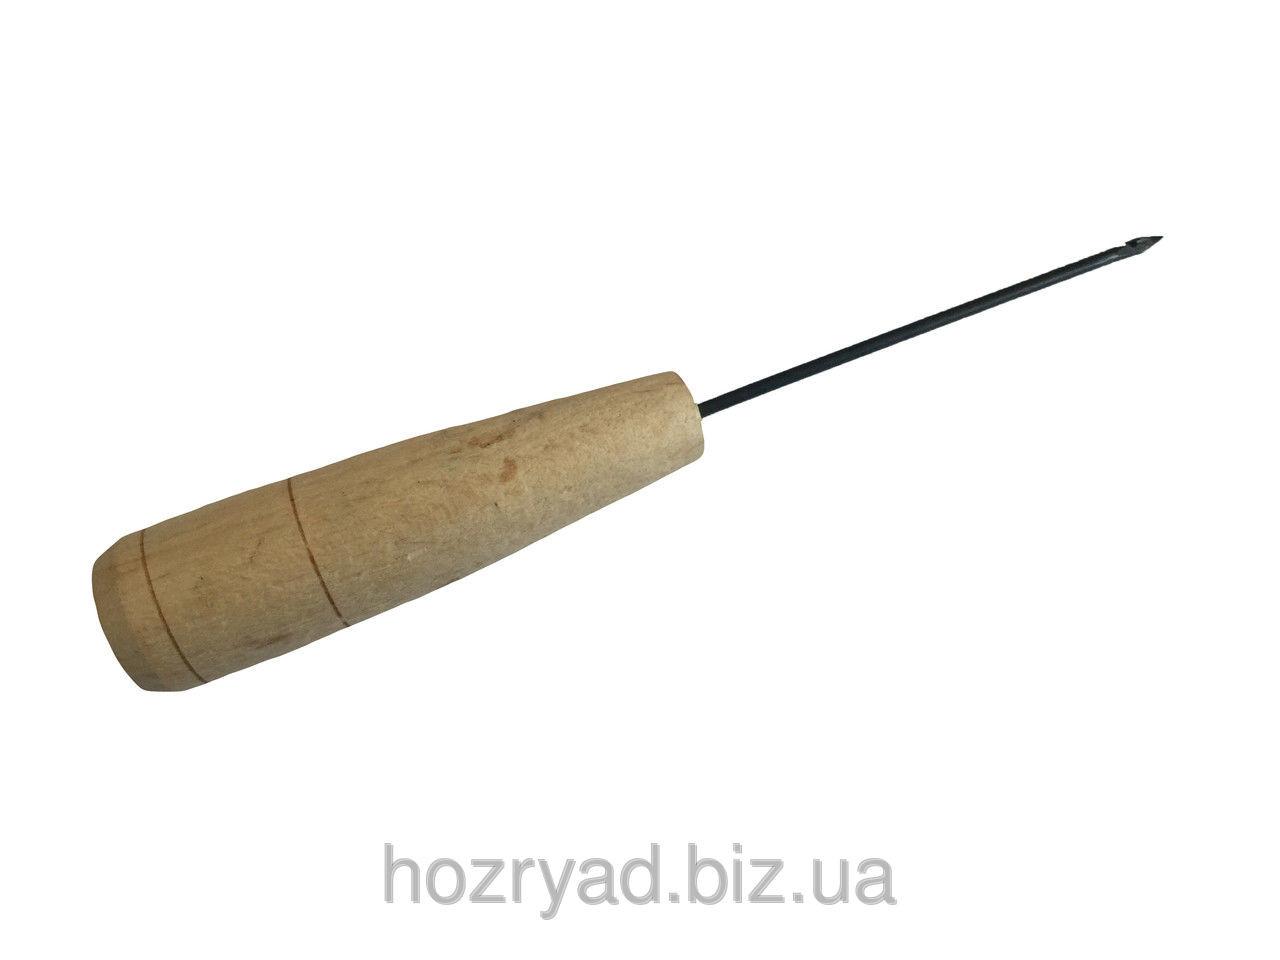 Шило-крючок для прошивки обуви  с деревянной ручкой